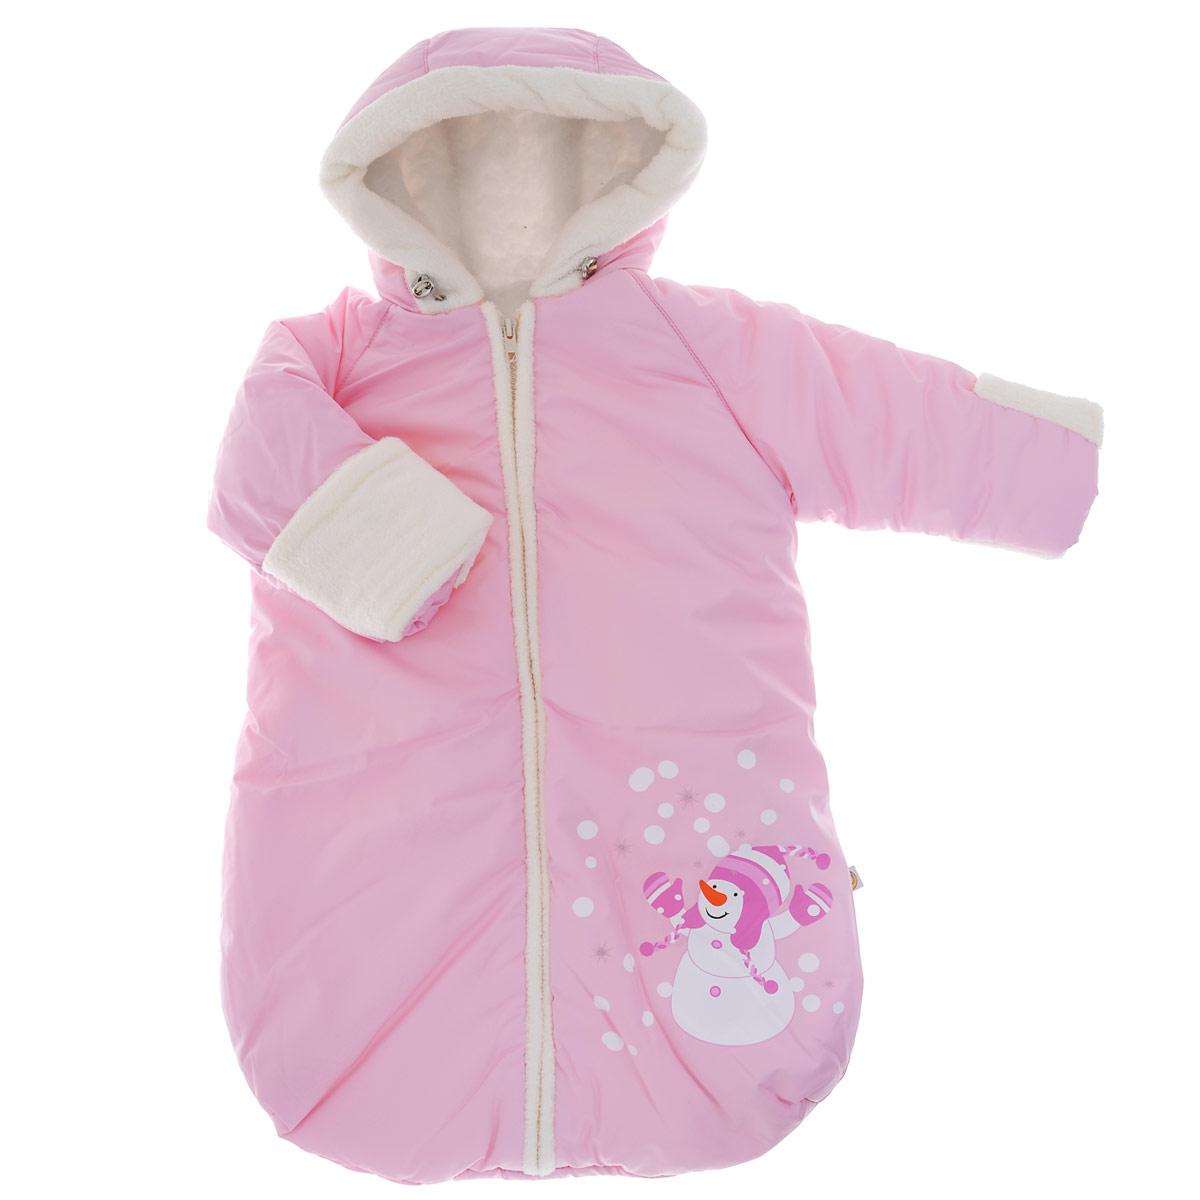 Конверт для новорожденного Сонный гномик Снеговичок, цвет: розовый. 980/2. Возраст 0/9 месяцев980/2Теплый конверт для новорожденного Сонный гномик Снеговичок идеально подойдет для ребенка в холодное время года. Конверт изготовлен из водоотталкивающей и ветрозащитной ткани Dewspo (100% полиэстер) на подкладке из шерсти с добавлением полиэстера. В качестве утеплителя используется шелтер (100% полиэстер).Шелтер (Shelter) - утеплитель нового поколения с тонкими волокнами. Его более мягкие ячейки лучше удерживают воздух, эффективнее сохраняя тепло. Более частые связи между волокнами делают утеплитель прочным и позволяют сохранить его свойства даже после многократных стирок. Утеплитель шелтер максимально защищает от холода и не стесняет движений.Конверт с капюшоном и рукавами-реглан спереди застегивается на длинную застежку-молнию. Капюшон не отстегивается и дополнен скрытой кулиской на стопперах. Рукава дополнены широкими эластичными манжетами и отворотами. Низ рукавов, планка, окантовка капюшона и подкладка рукавов дополнены мягким ворсистым материалом. Оформлено изделие термоаппликацией с изображением забавного снеговика.Комфортный, удобный и практичный, этот конверт идеально подойдет для прогулок на свежем воздухе при температуре до -20°С!